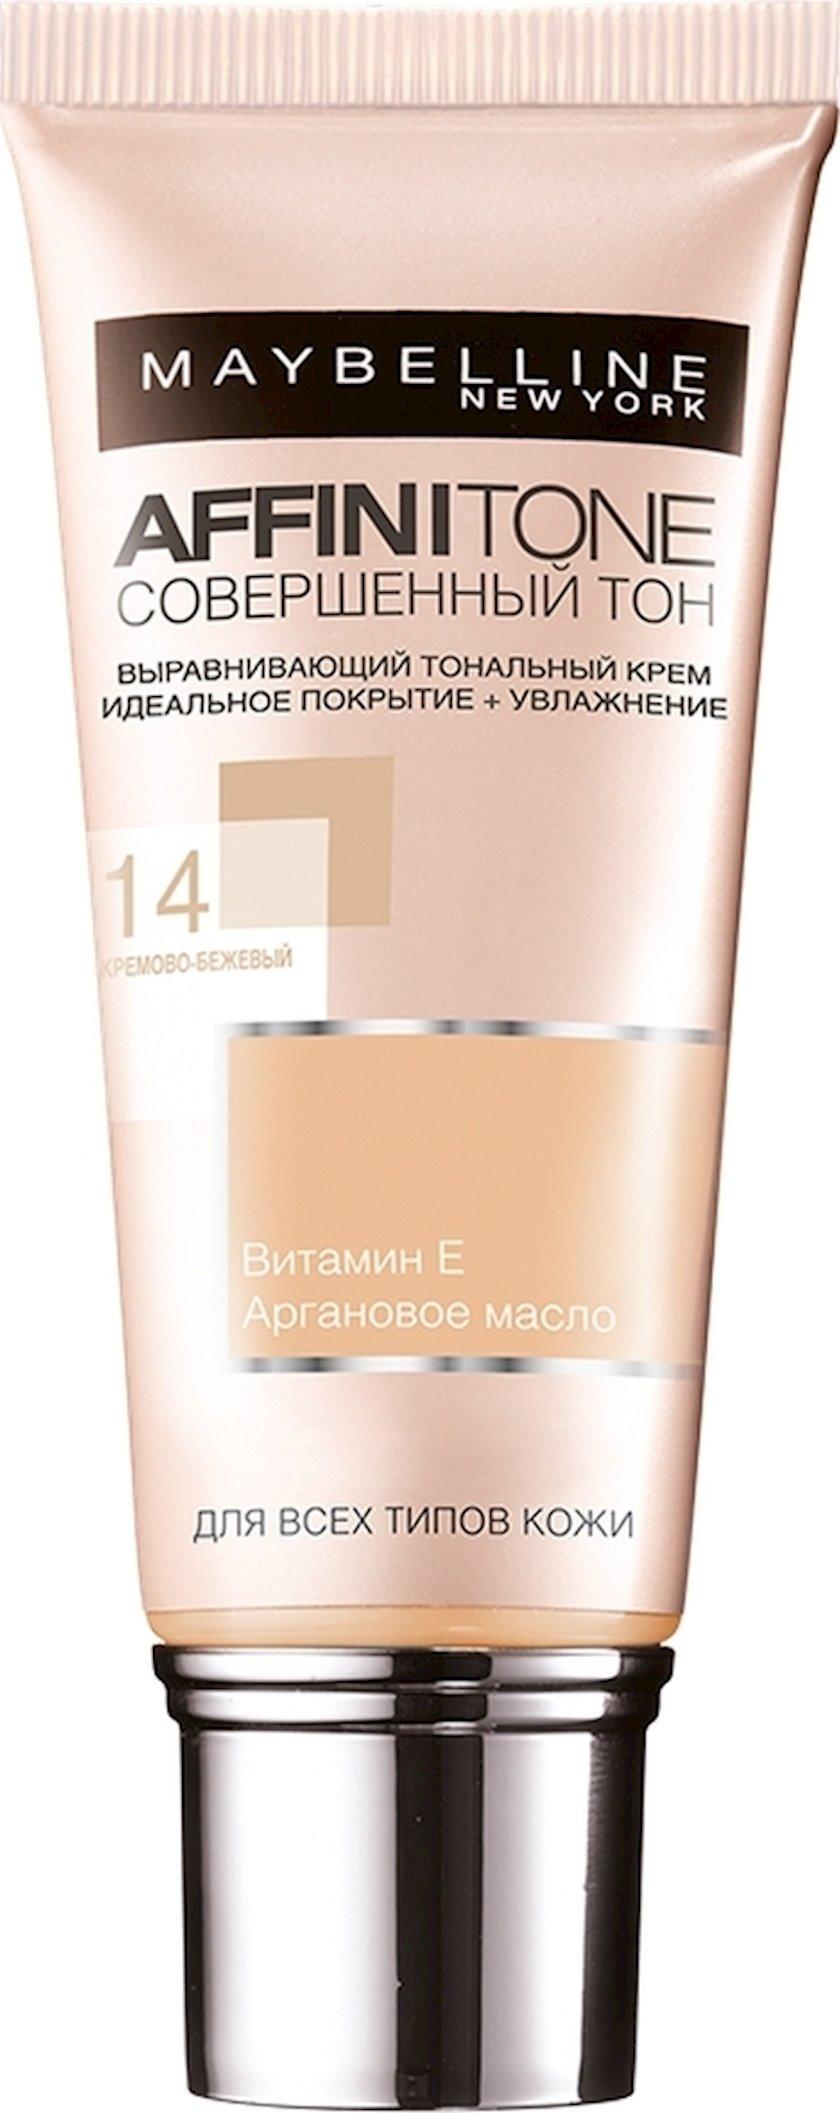 Tonal krem Maybelline Affinitone Mükəmməl Ton 14 Kremli bej 30 ml